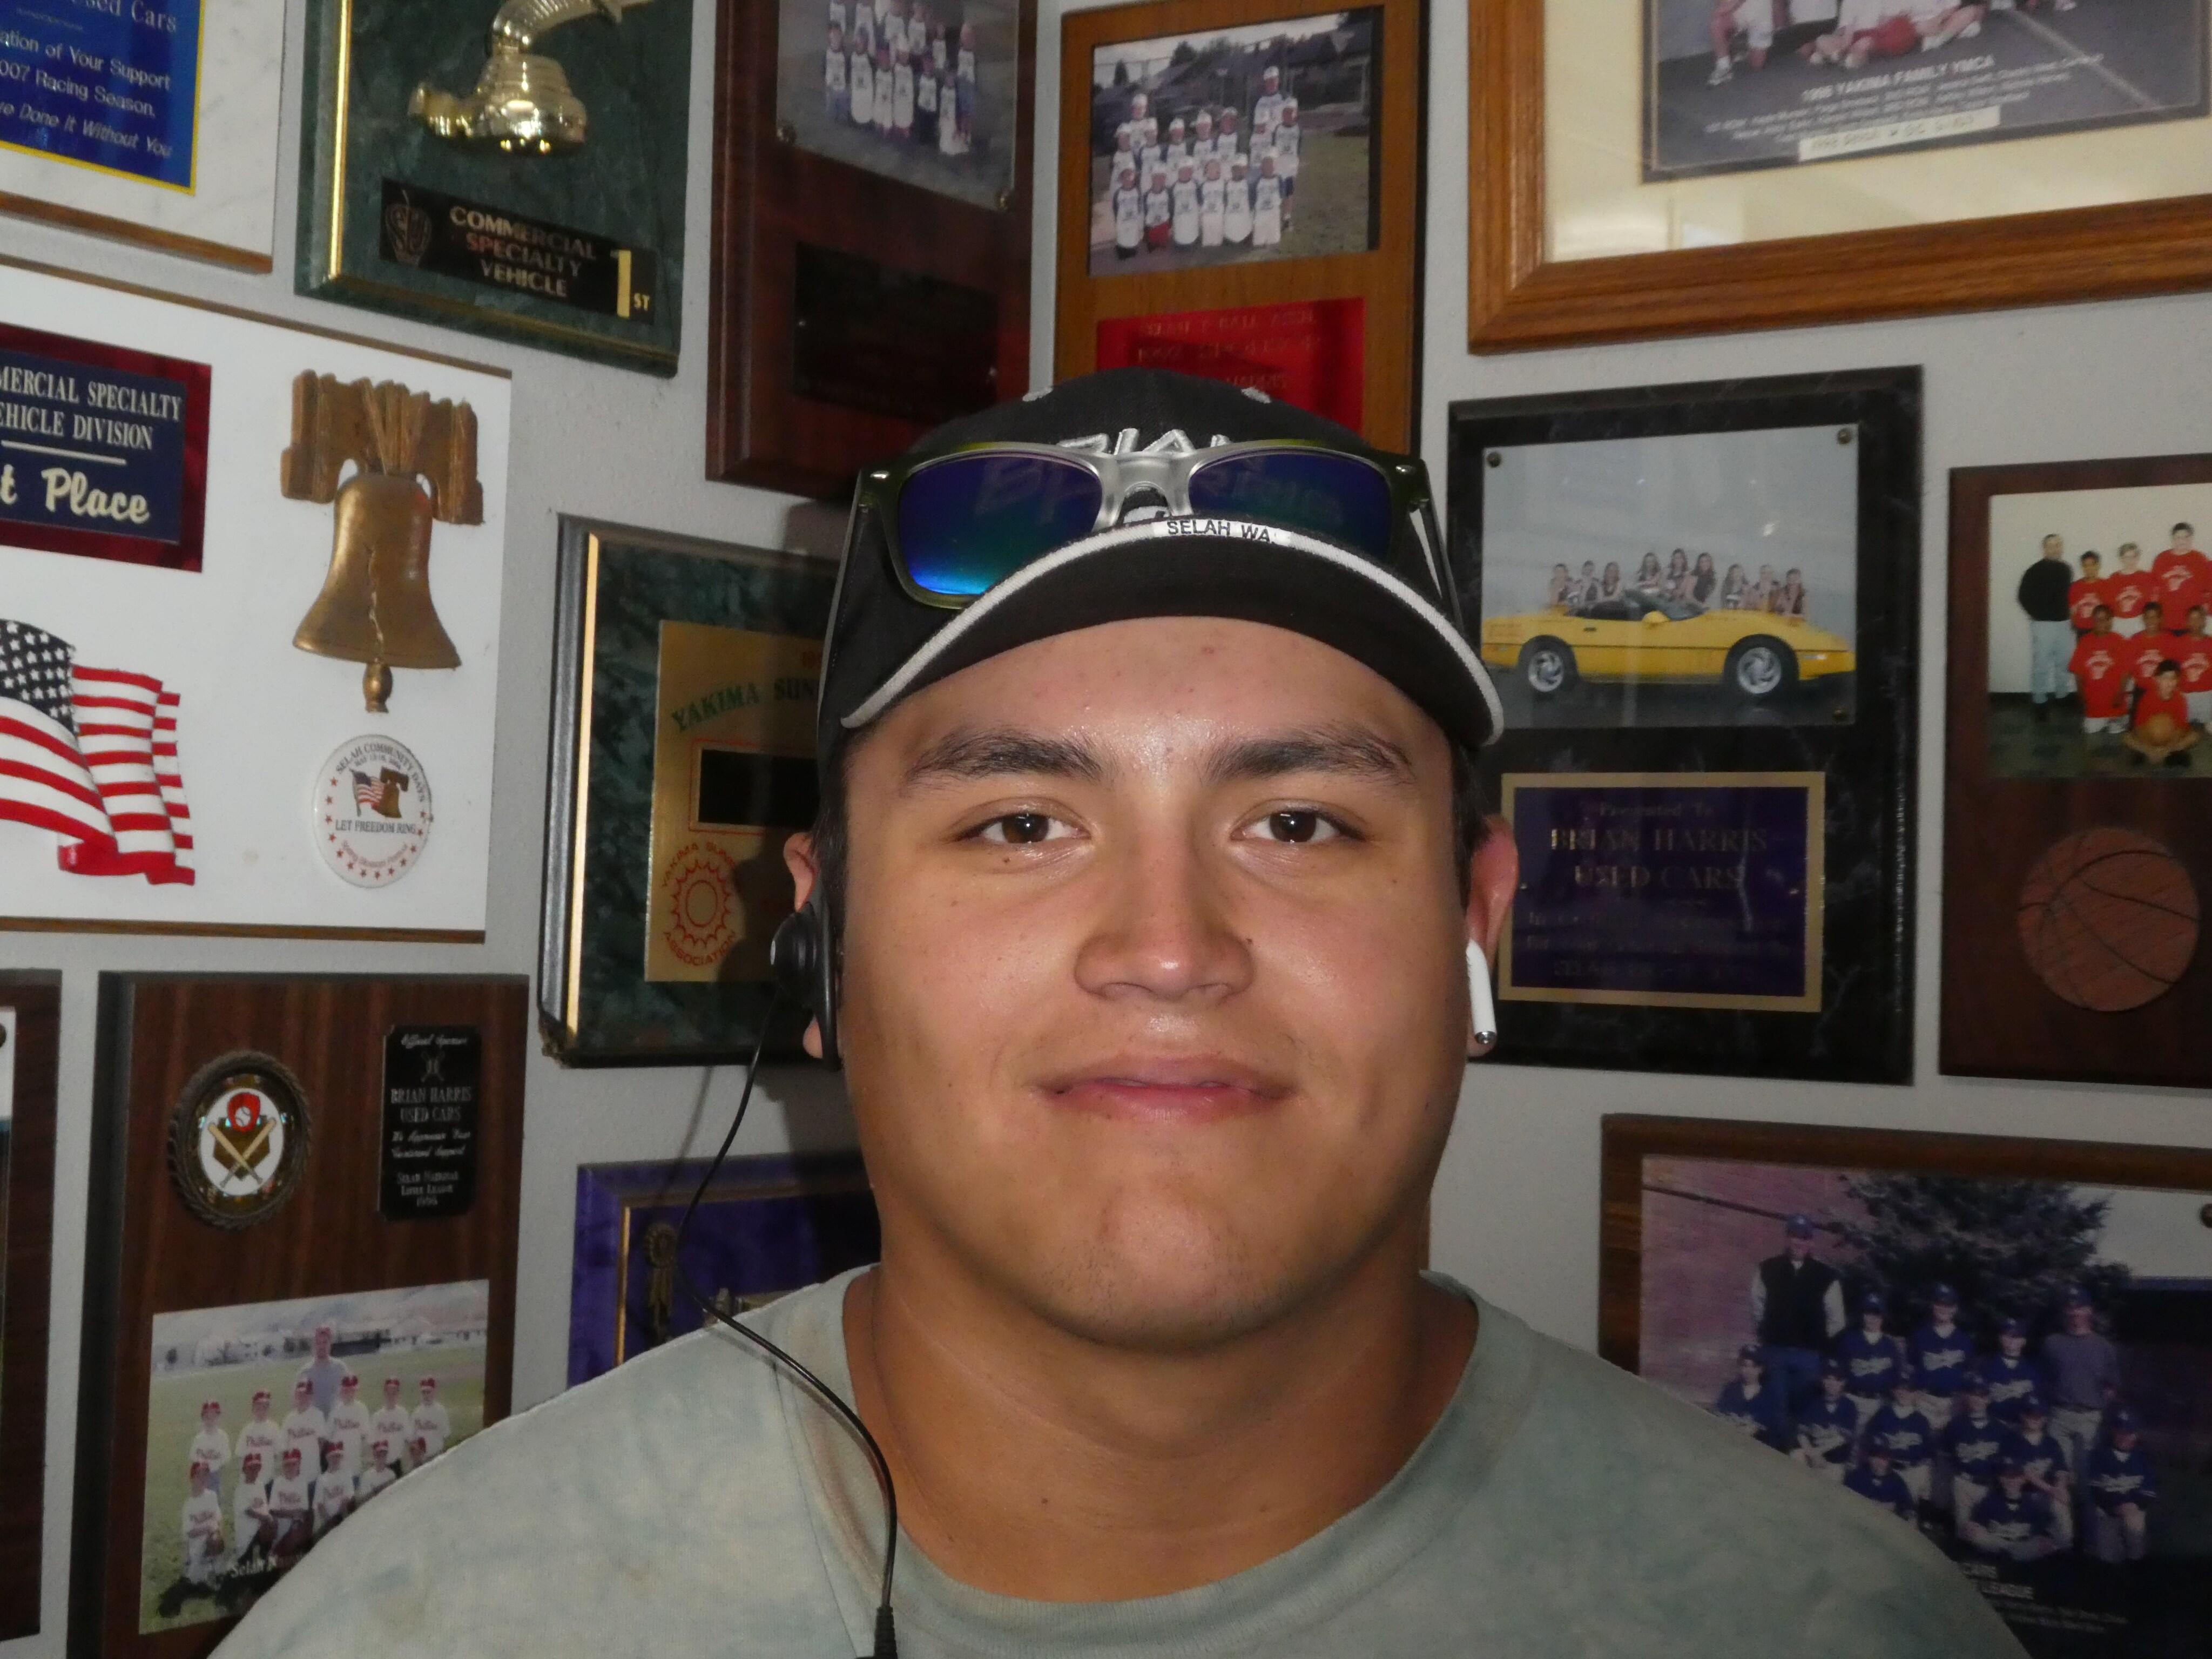 Danny Peralta